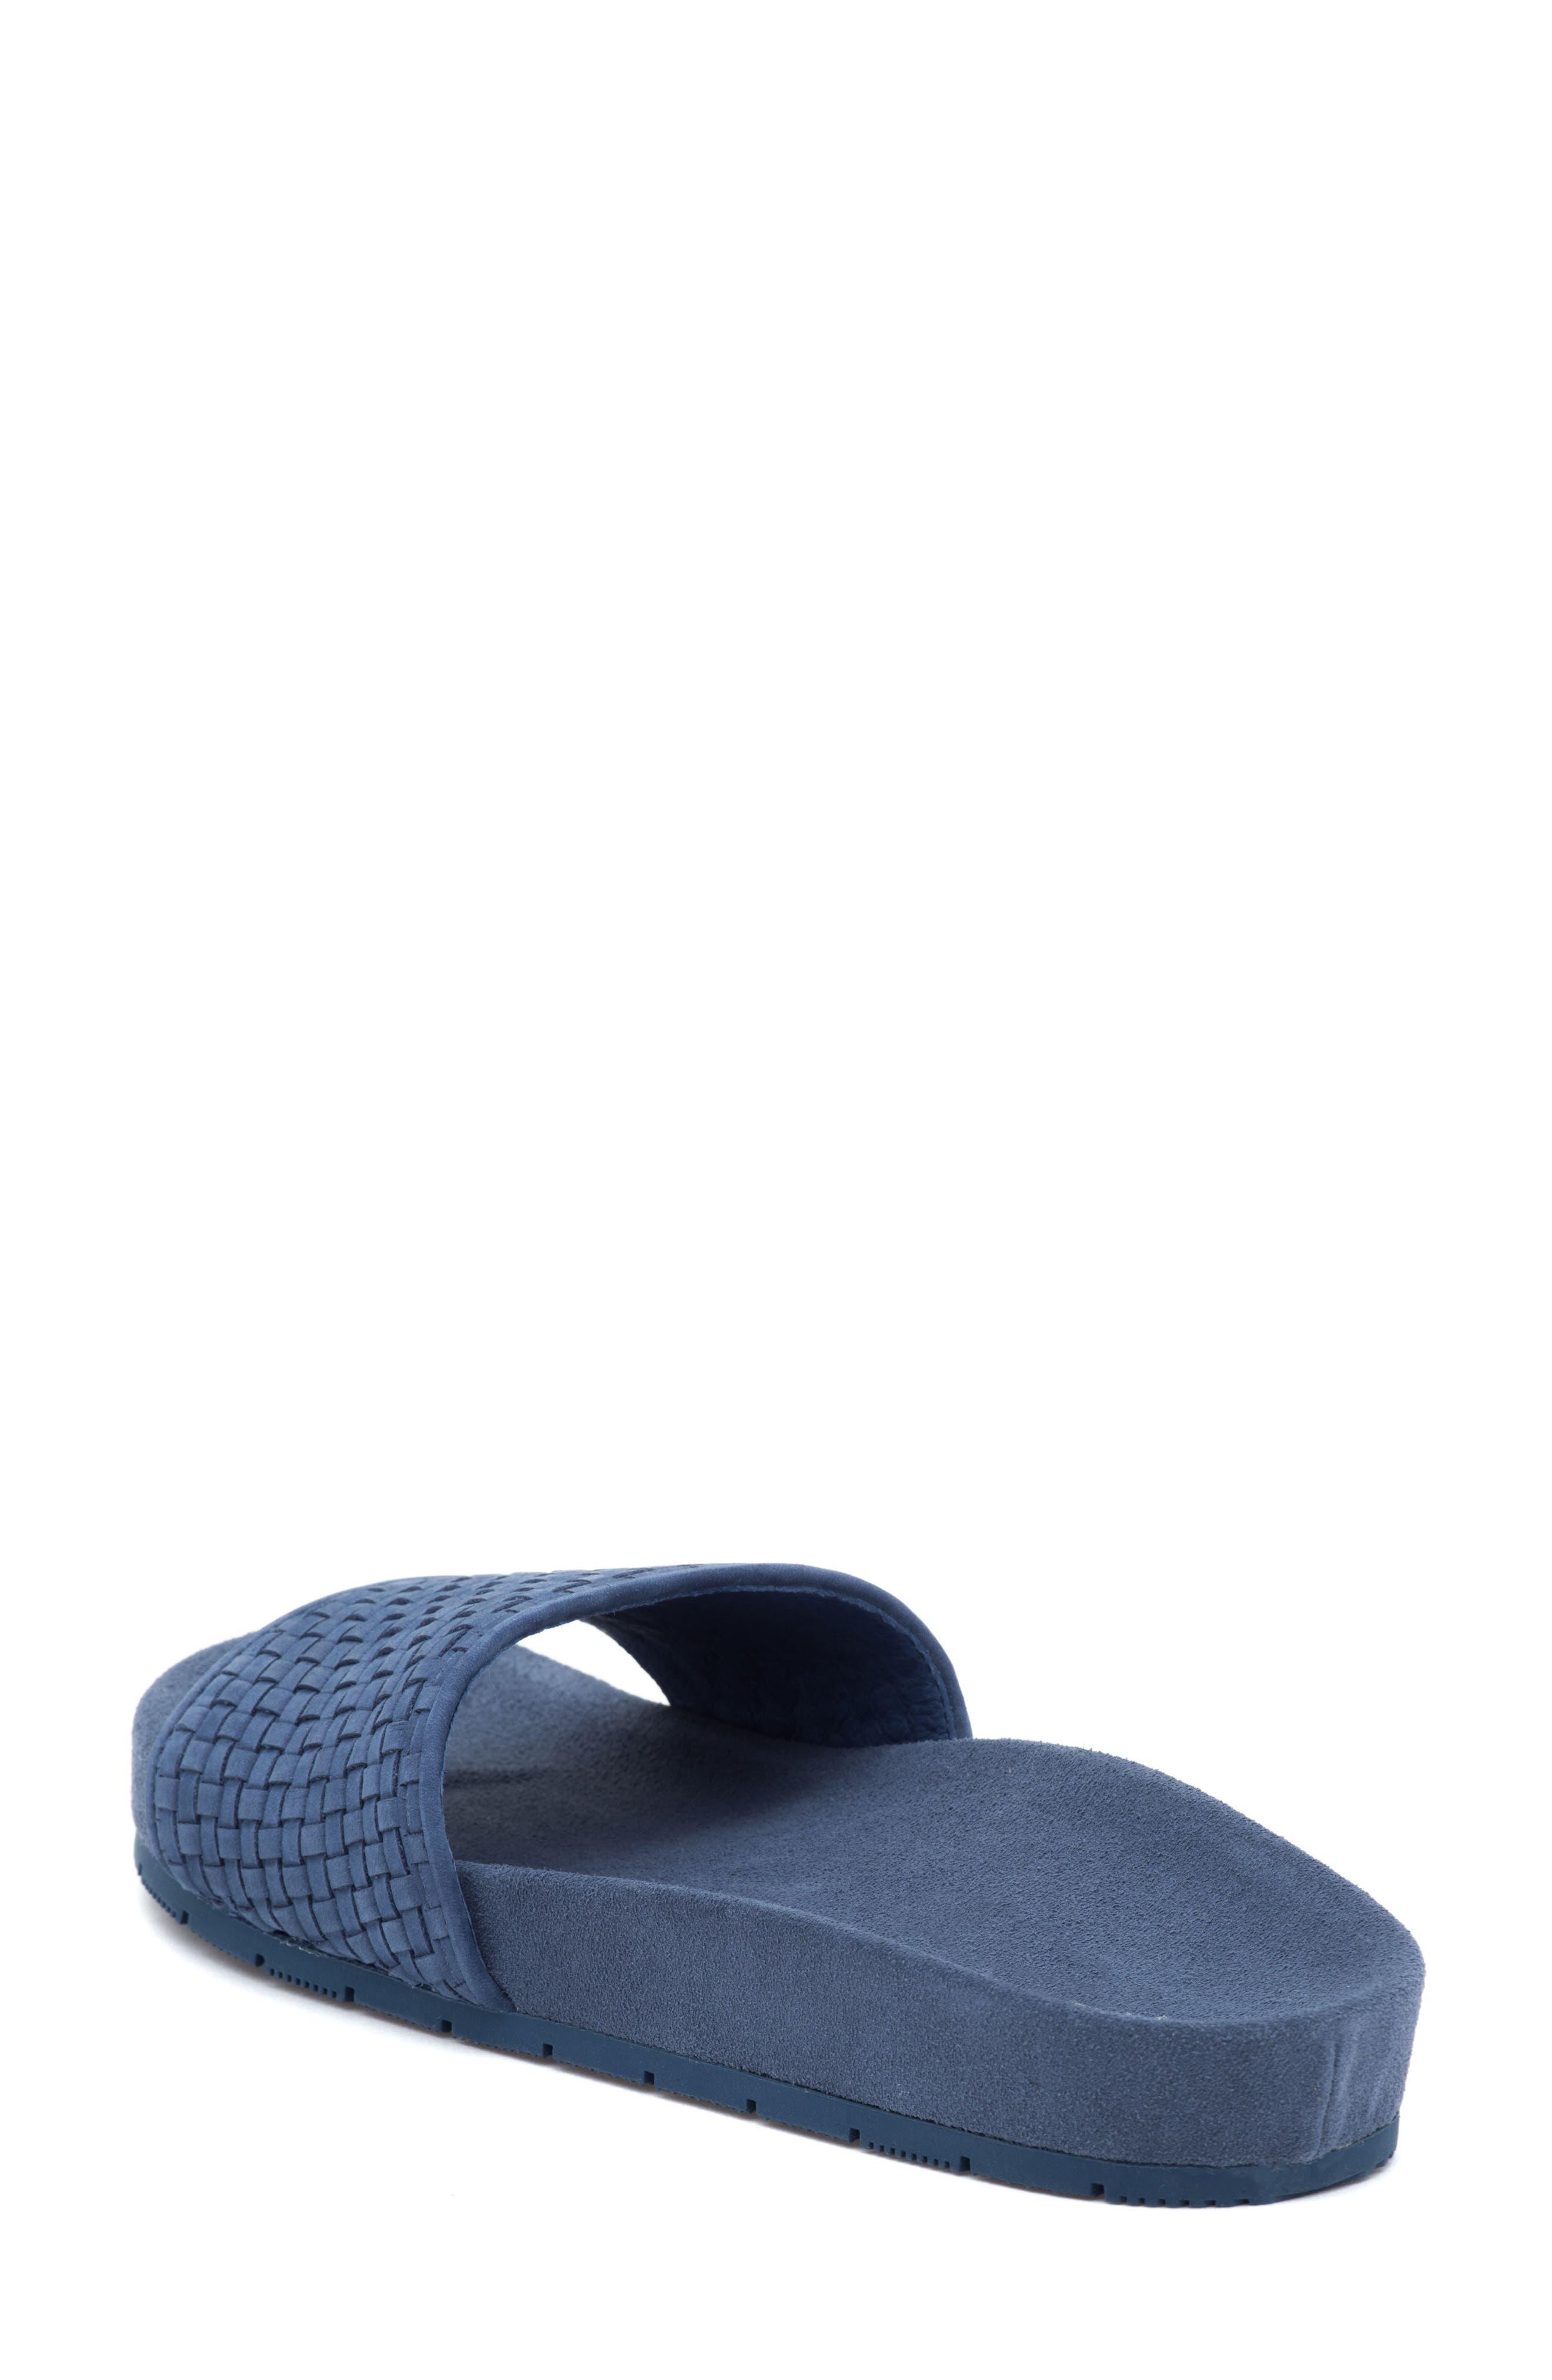 Naomie Slide Sandal,                             Alternate thumbnail 15, color,